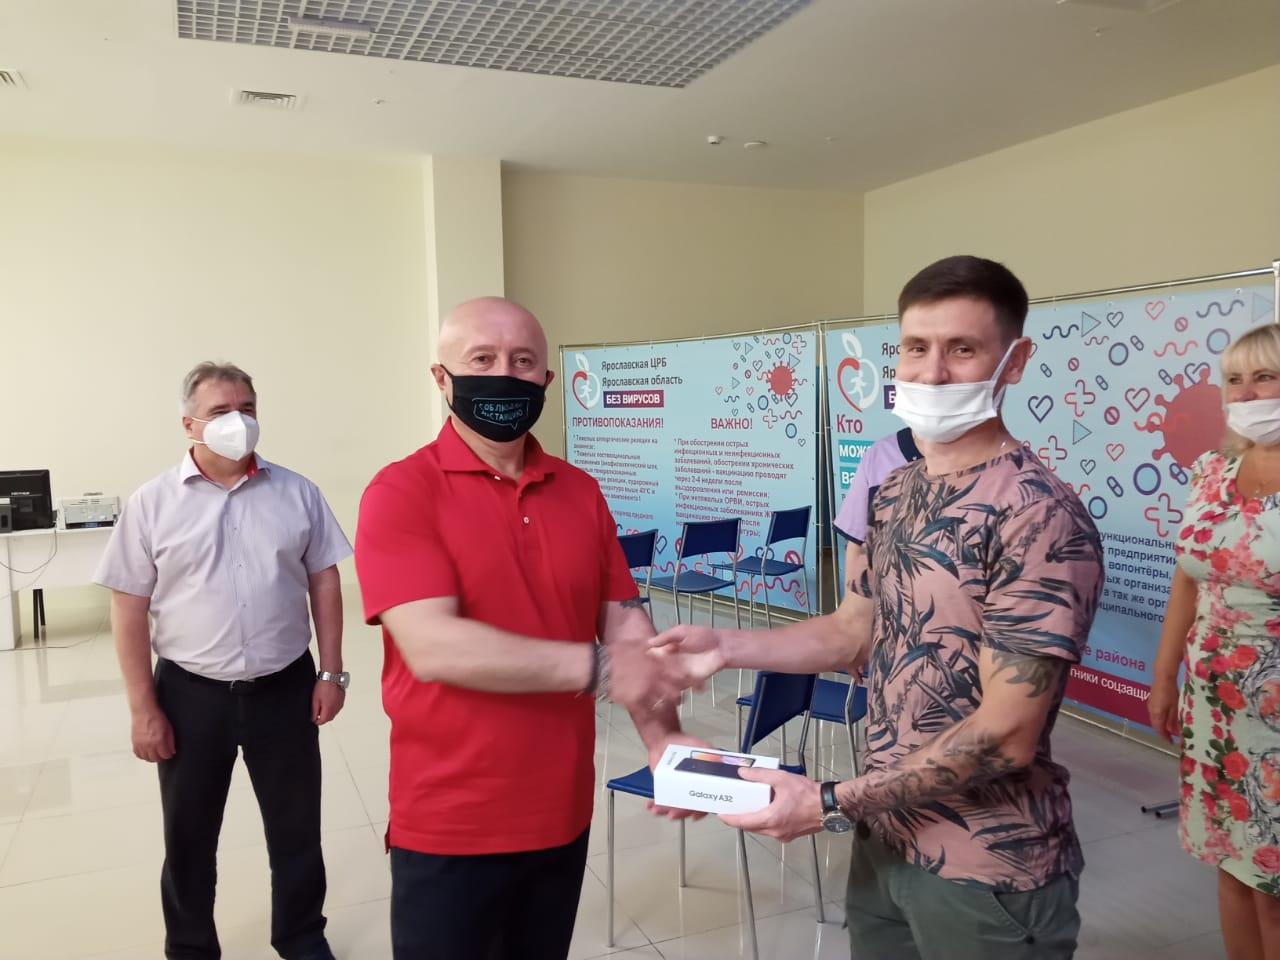 В Ярославле определили первого победителя лотереи среди вакцинированных от коронавируса